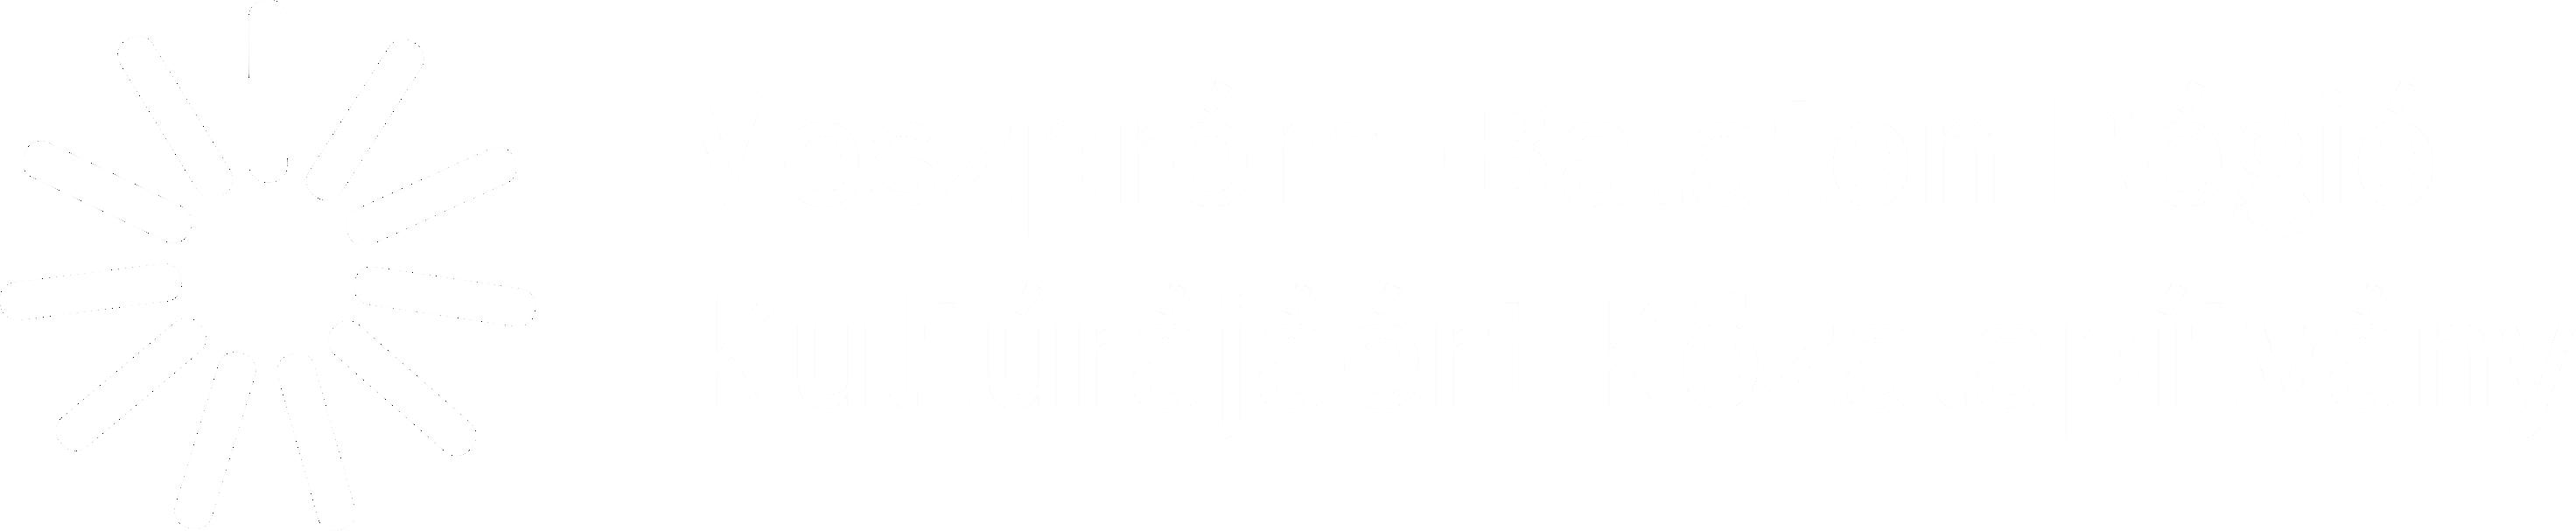 Veszprém-Balaton Régió Kultúrájáért Közalapítvány